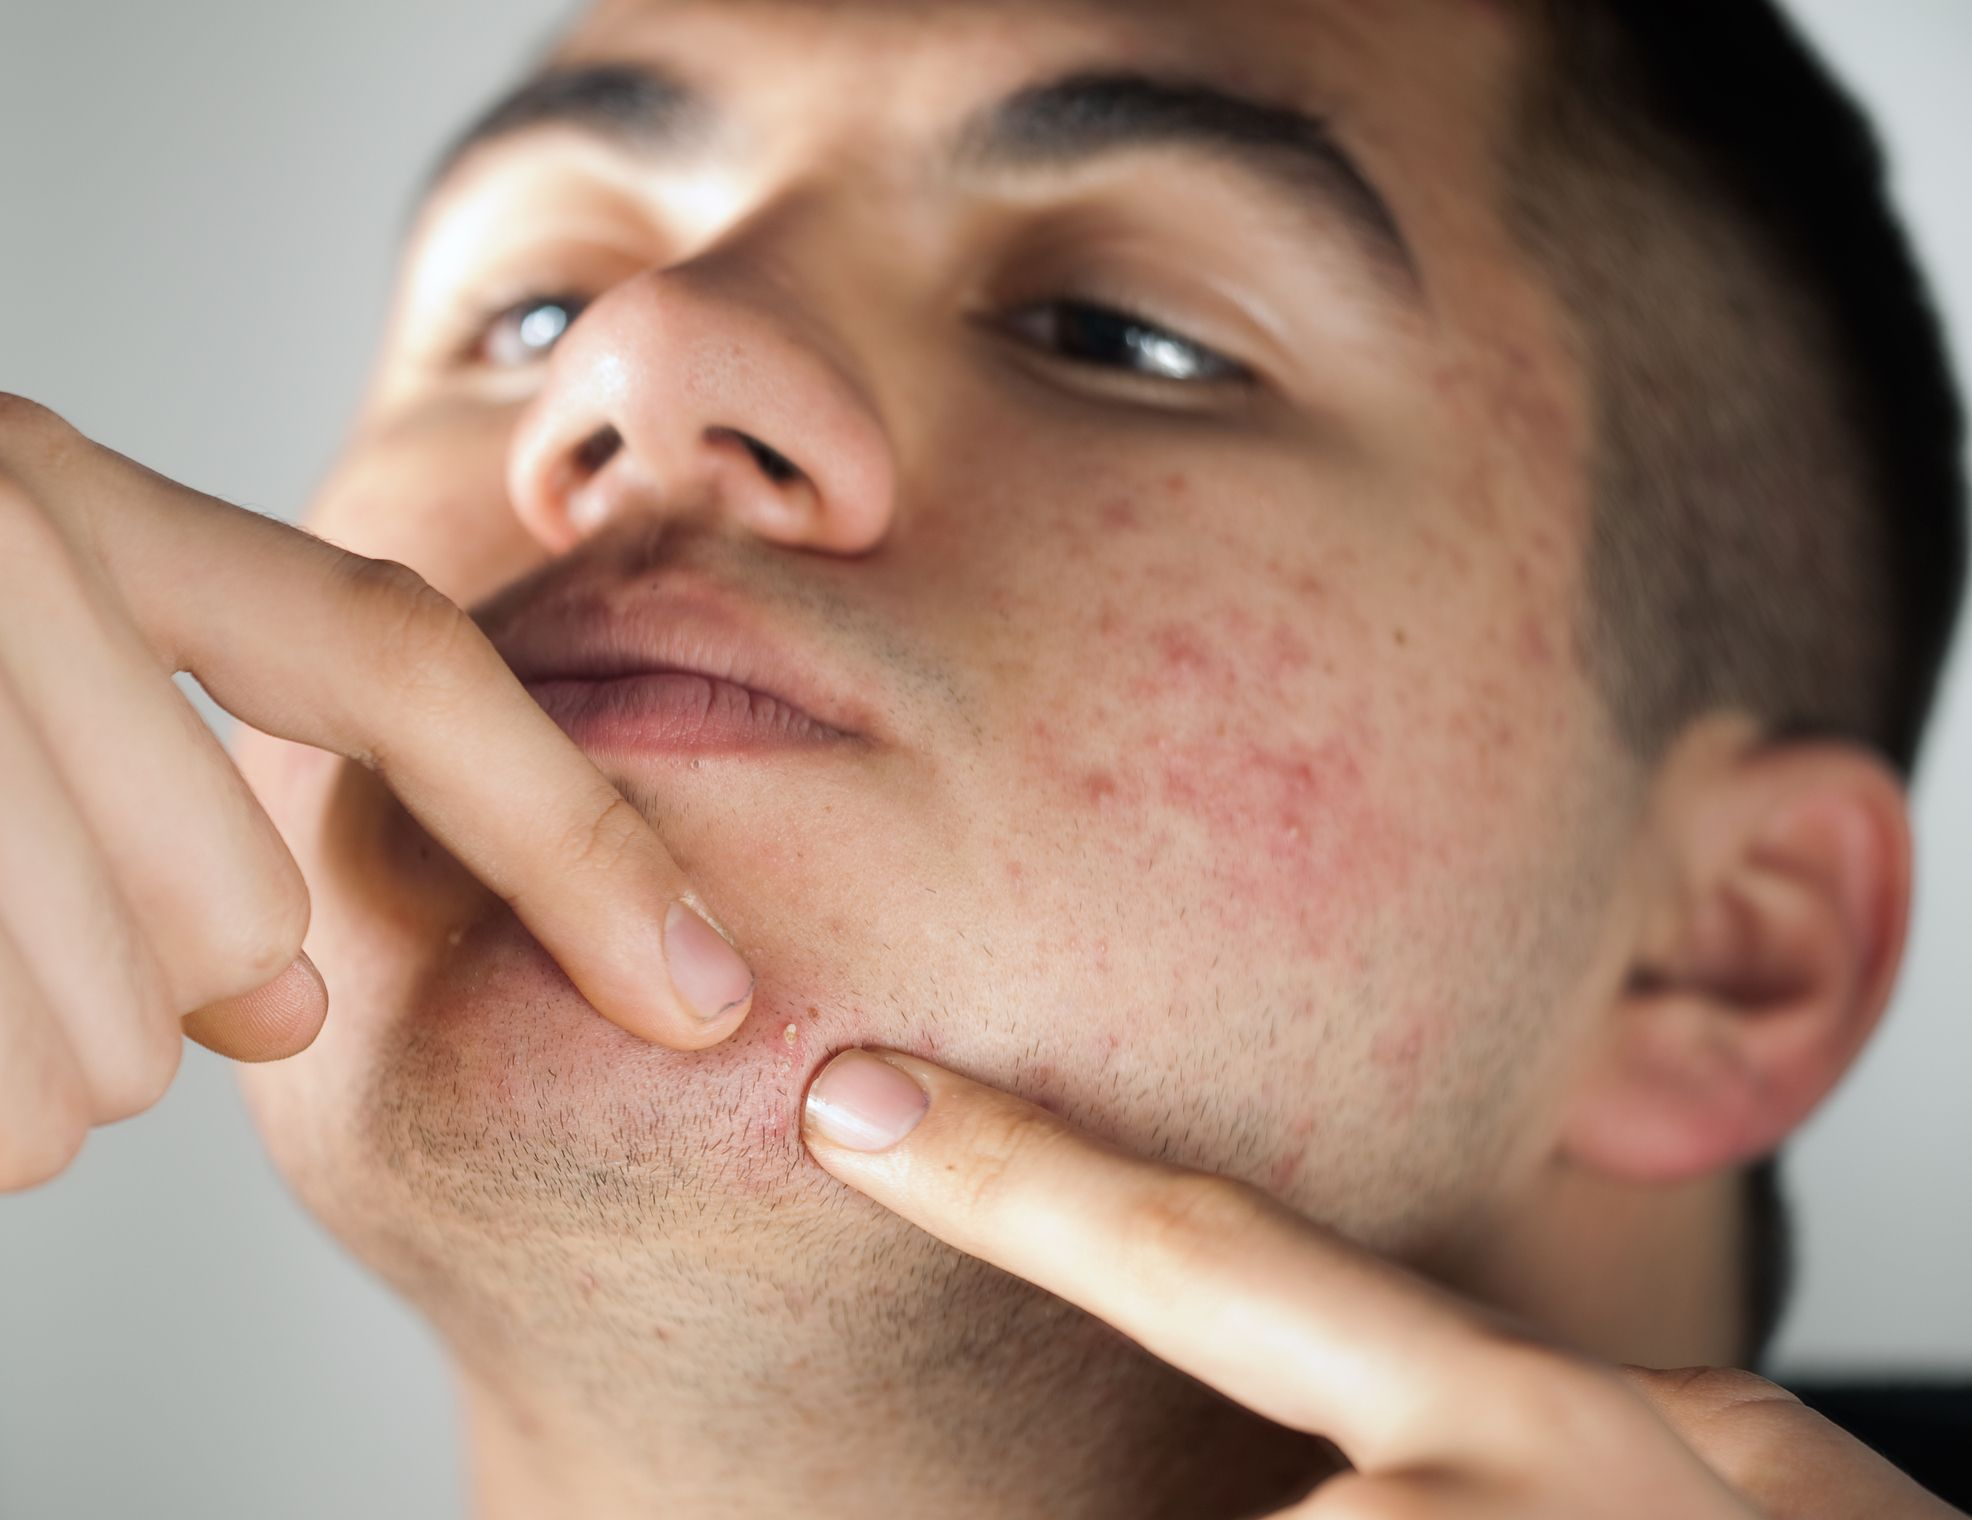 keto diet skin benefits